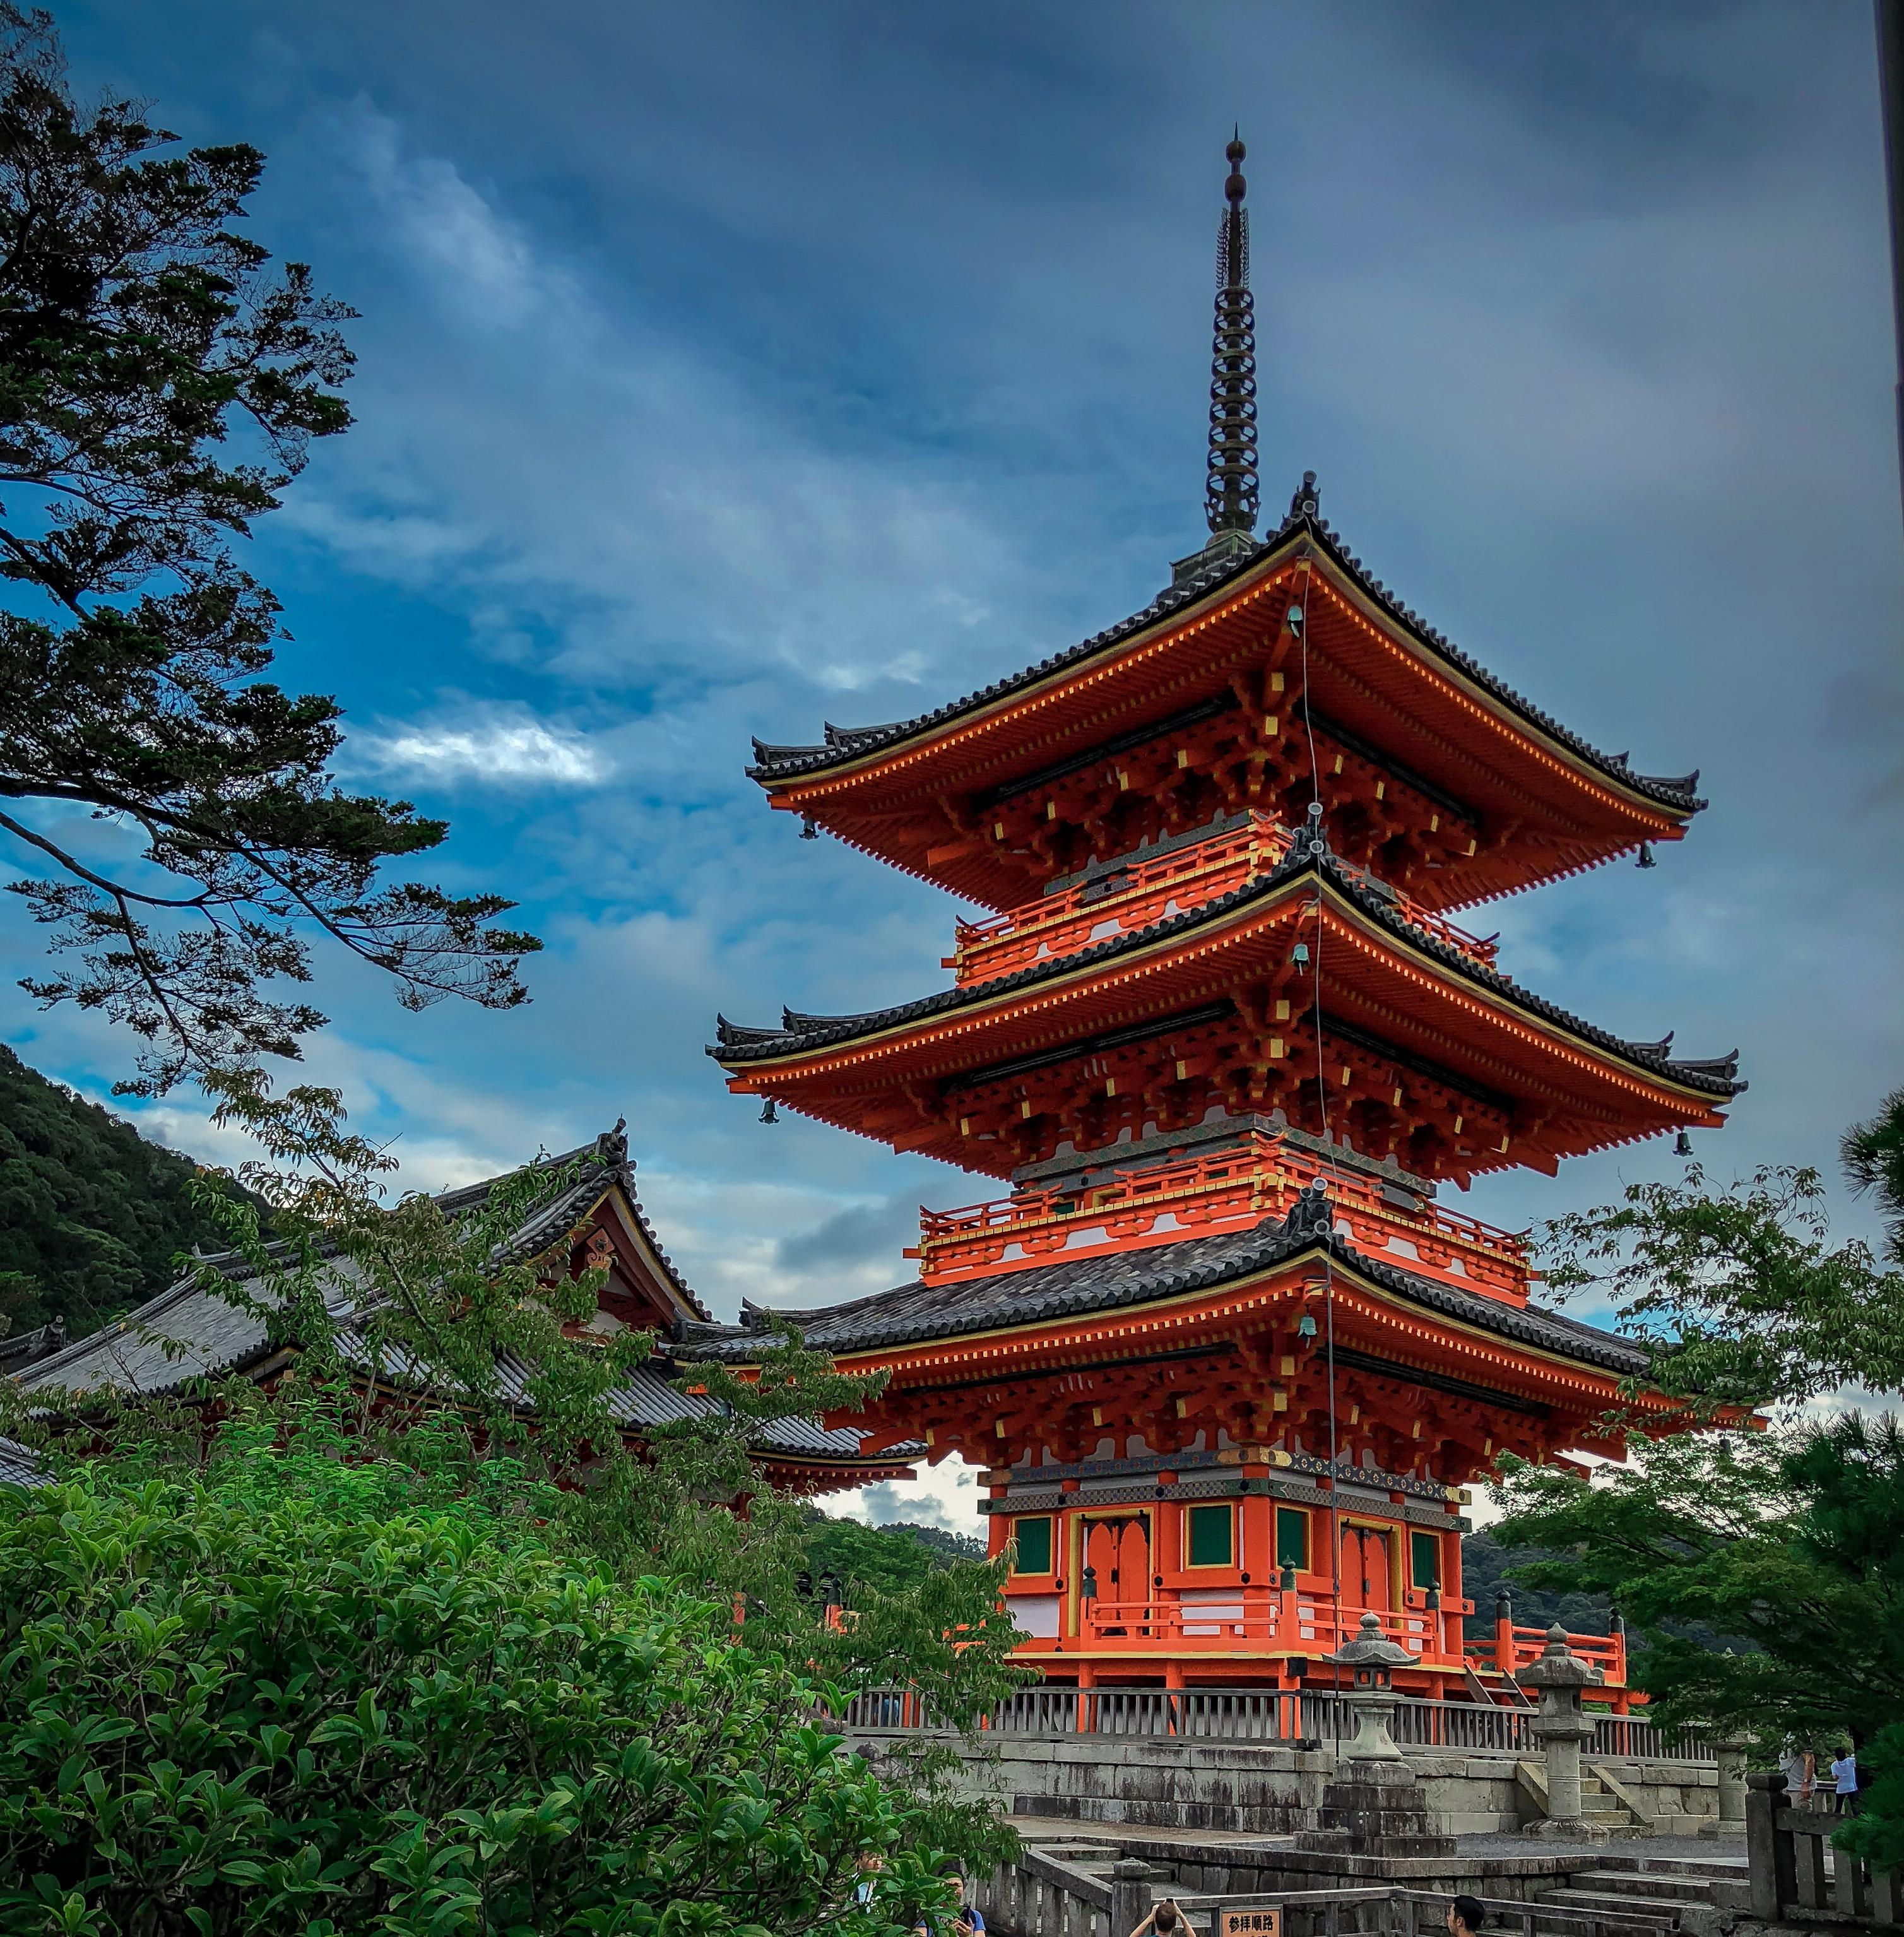 kyoto kiyomizu dera temple 6